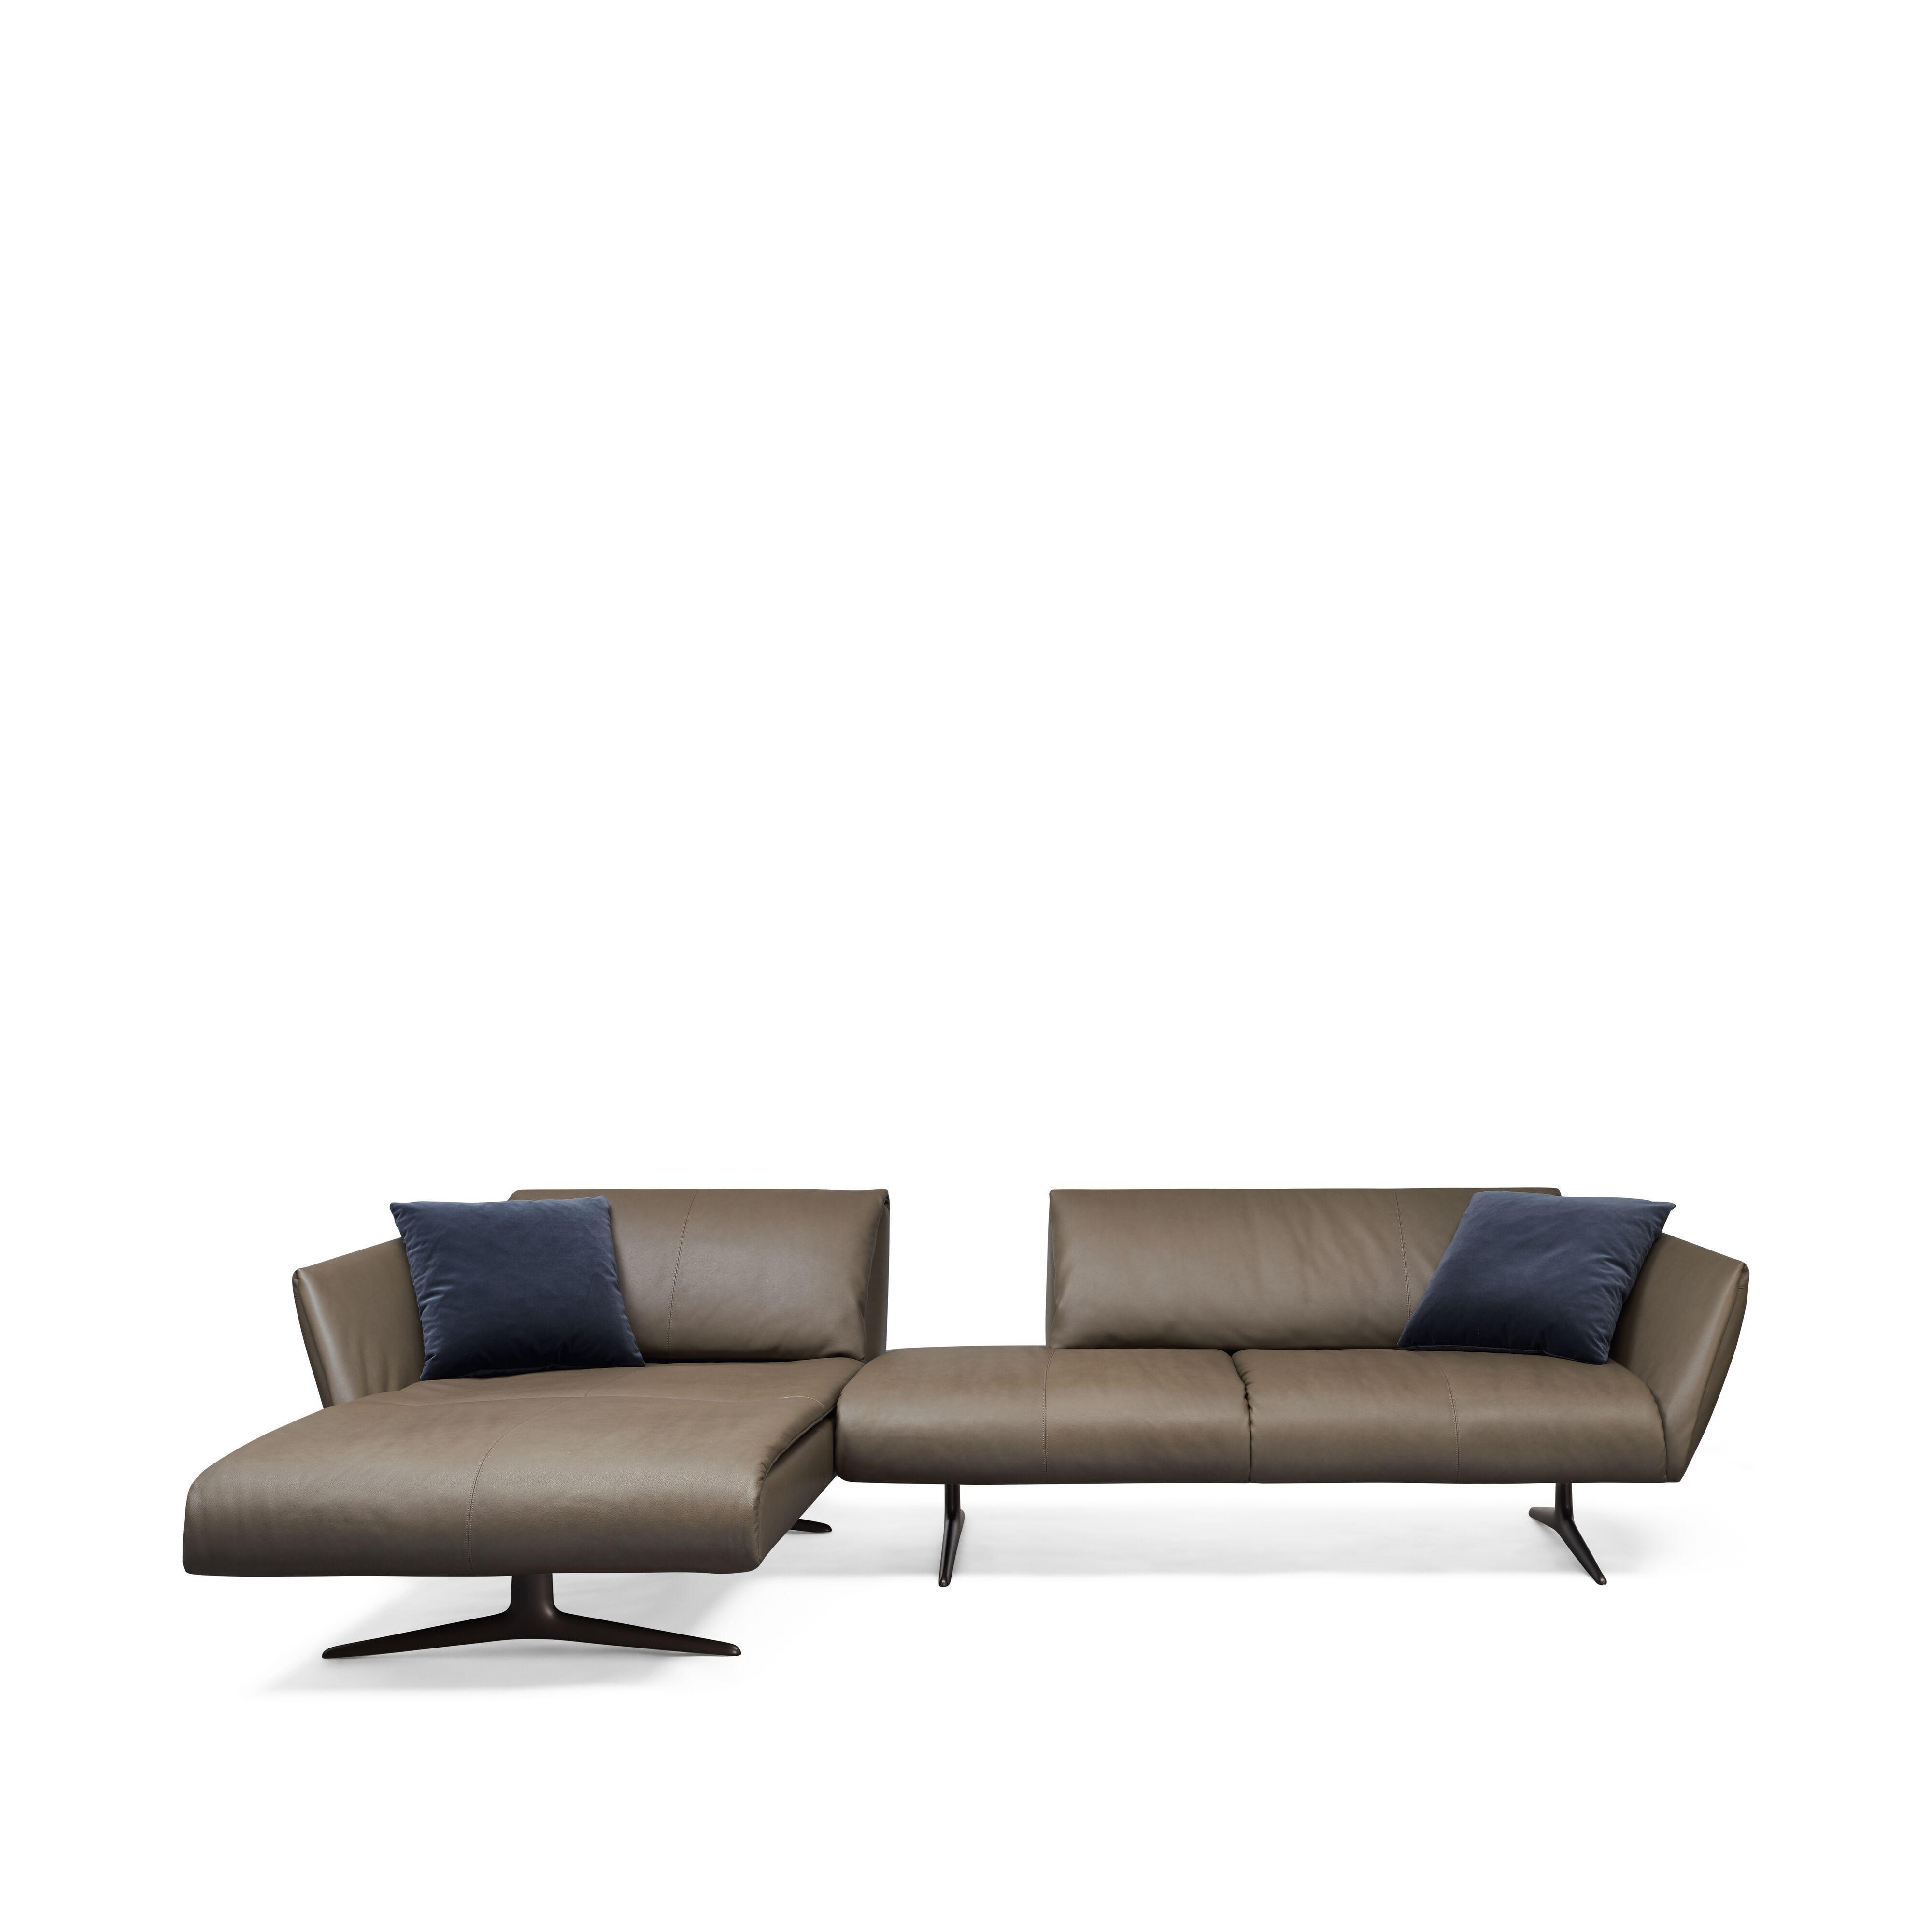 03-WK-Bundle-Sofa-0003-H.tif